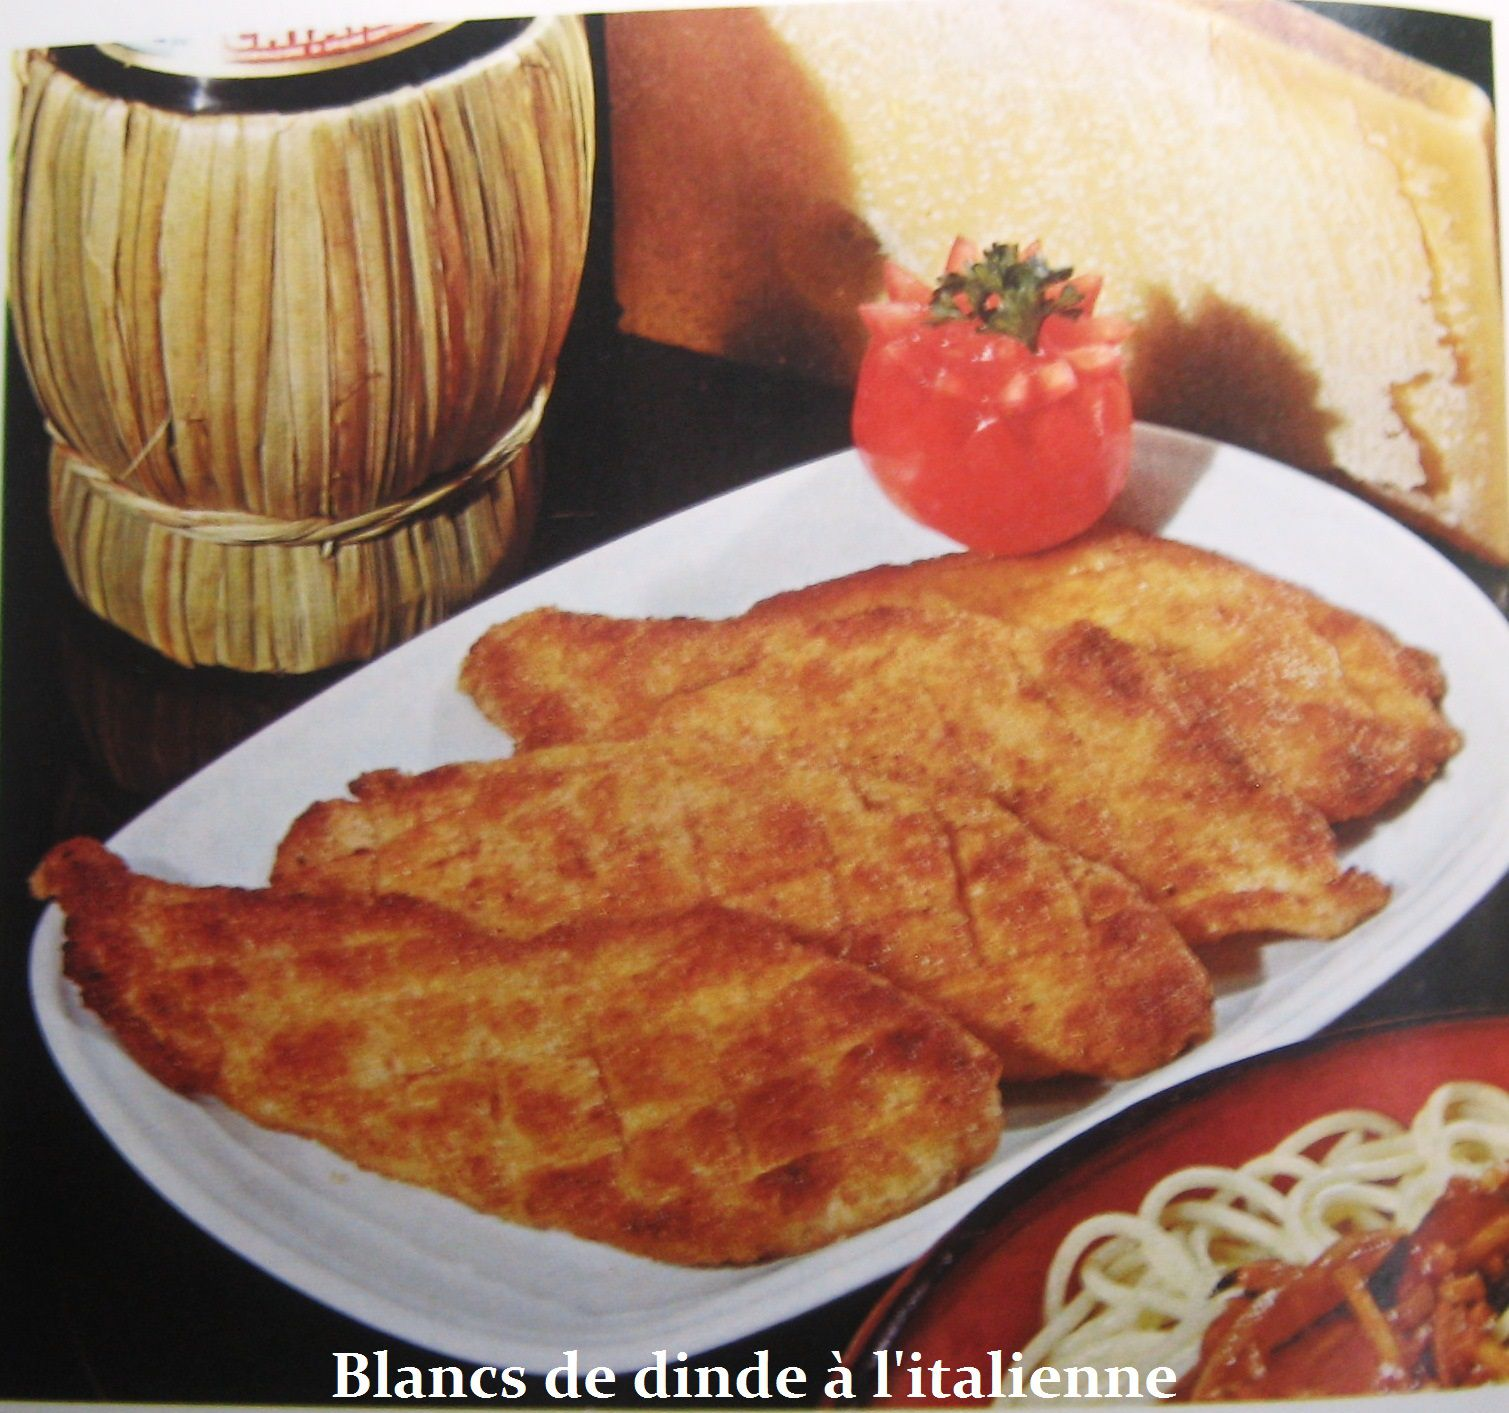 Blancs de dinde à l'italienne